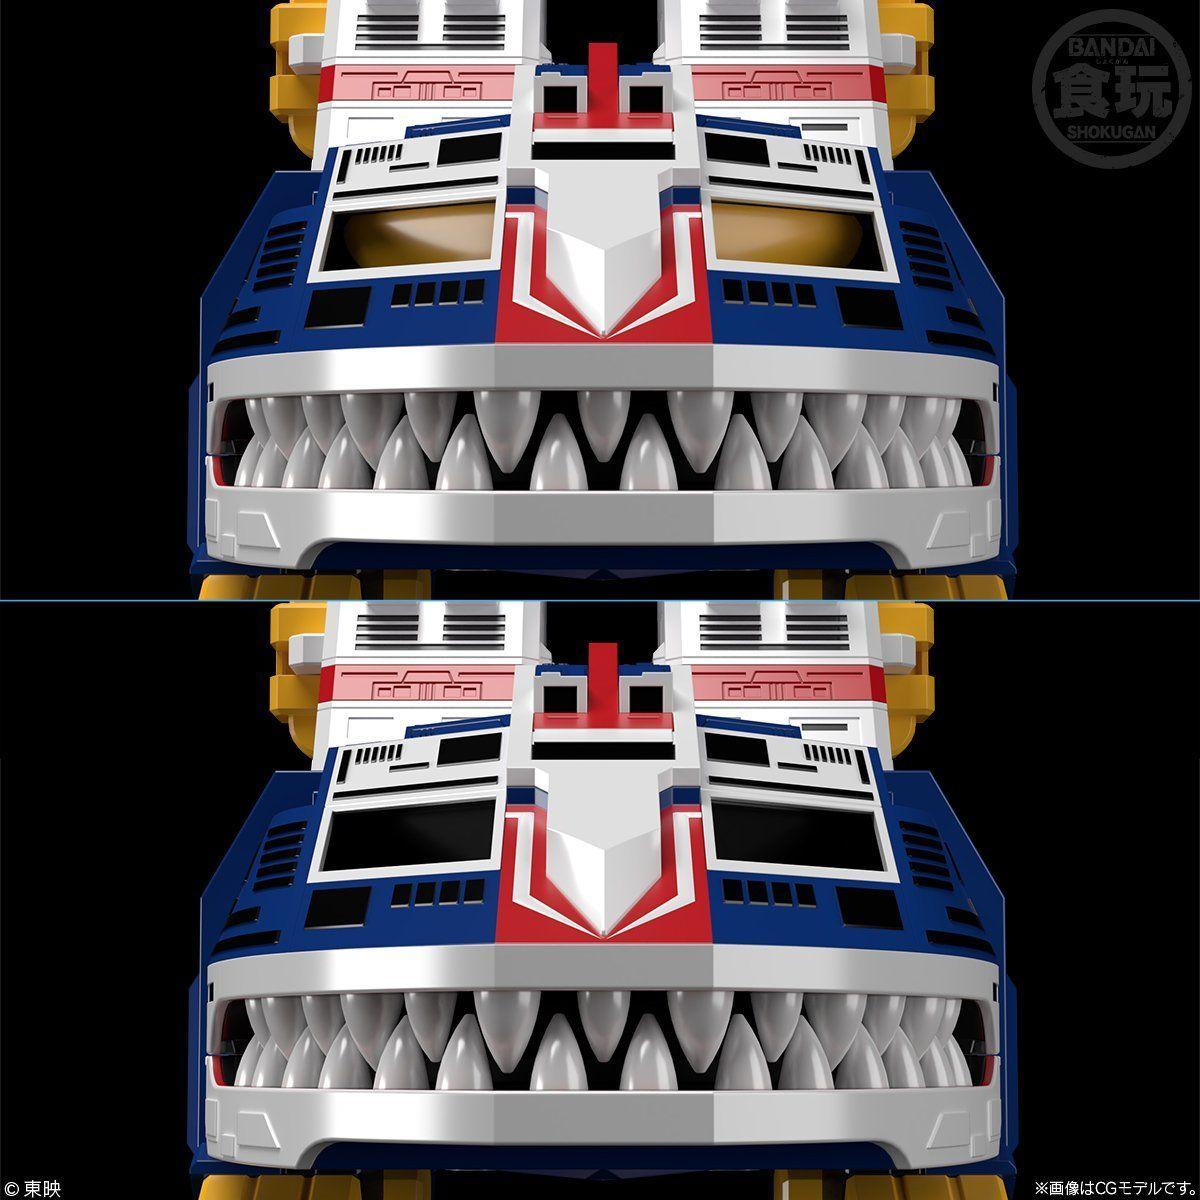 【限定販売】【食玩】スーパーミニプラ『ビッグスケール ジャガーバルカン』太陽戦隊サンバルカン プラモデル-002